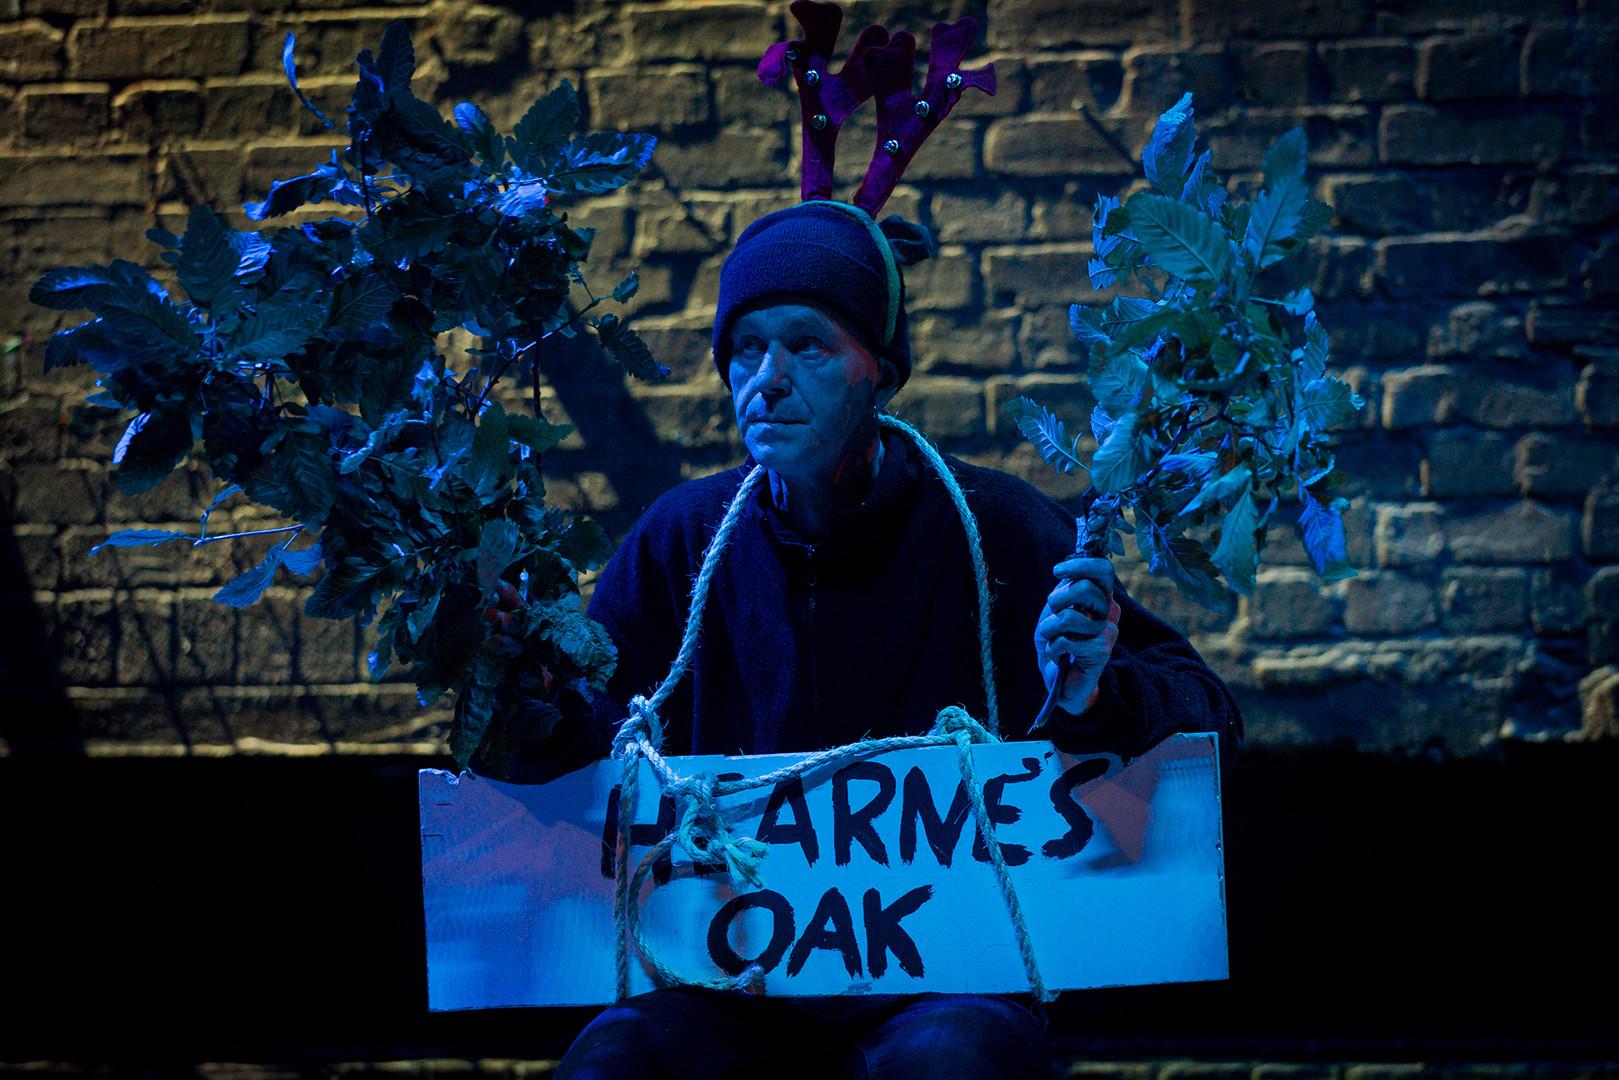 Hearne's oak.jpg